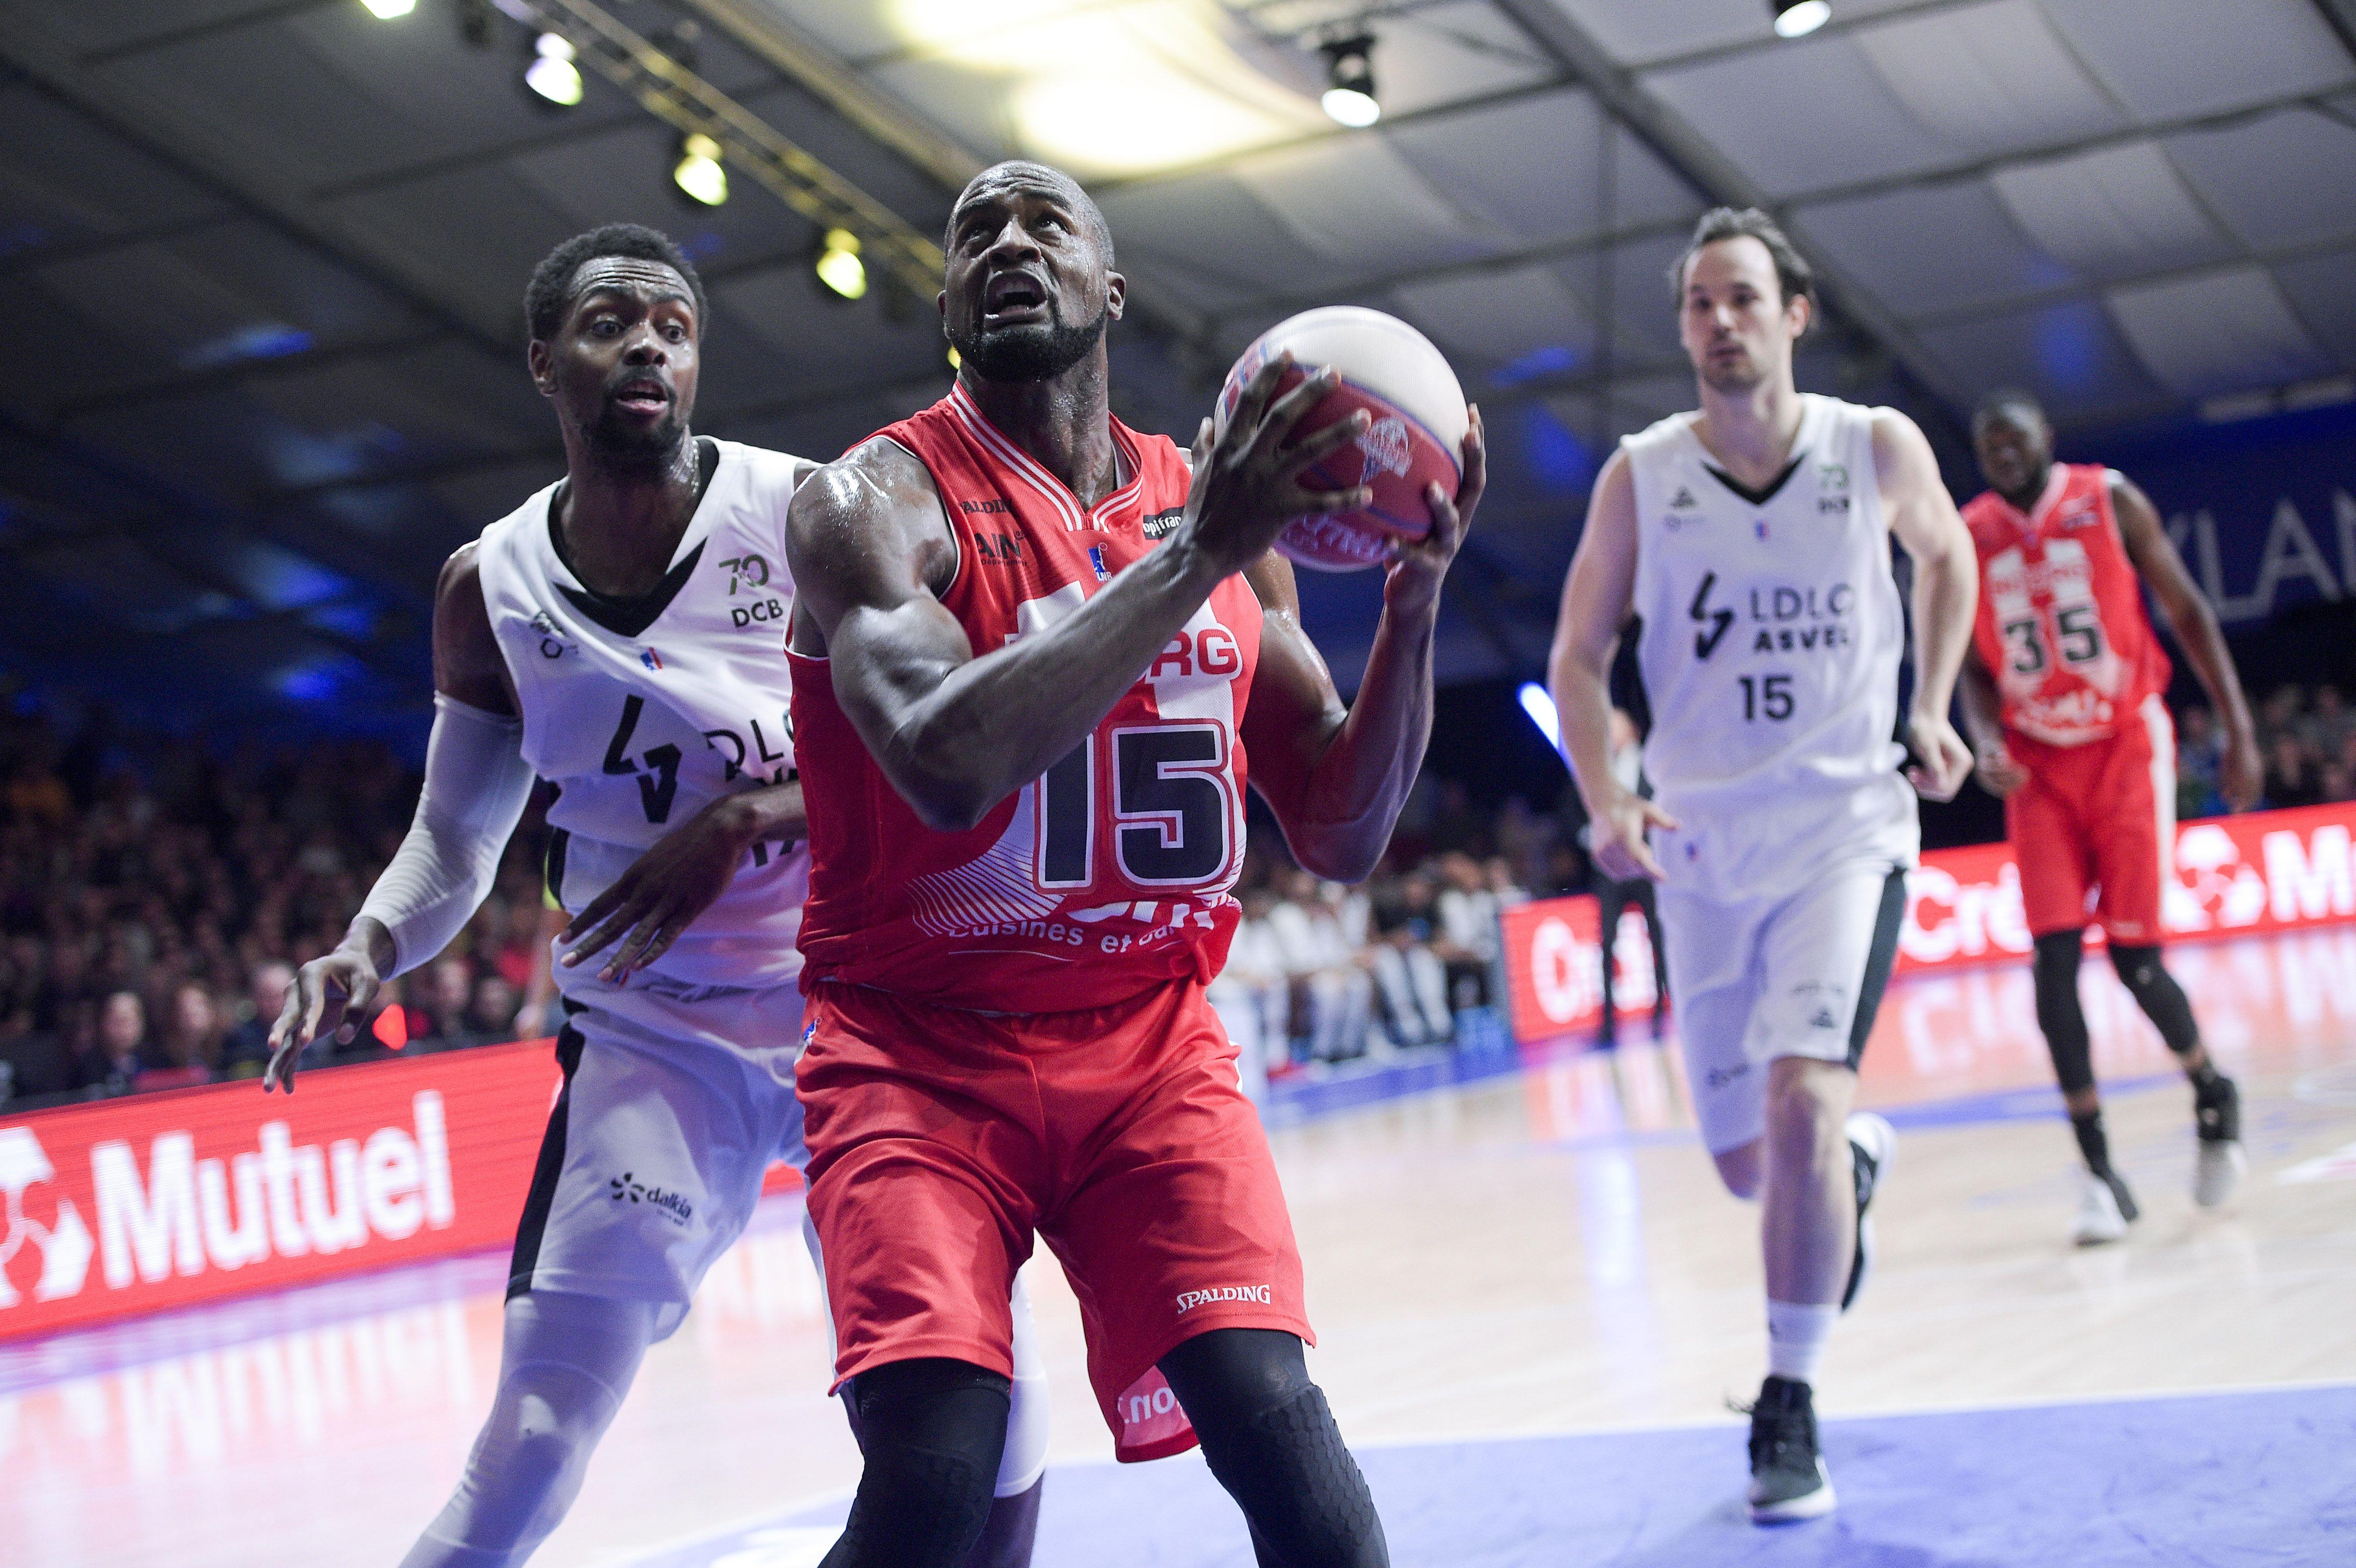 Basket - Jeep ELITE - Leaders Cup : Comme Pau, l'ASVEL prend la porte dès les quarts de finale